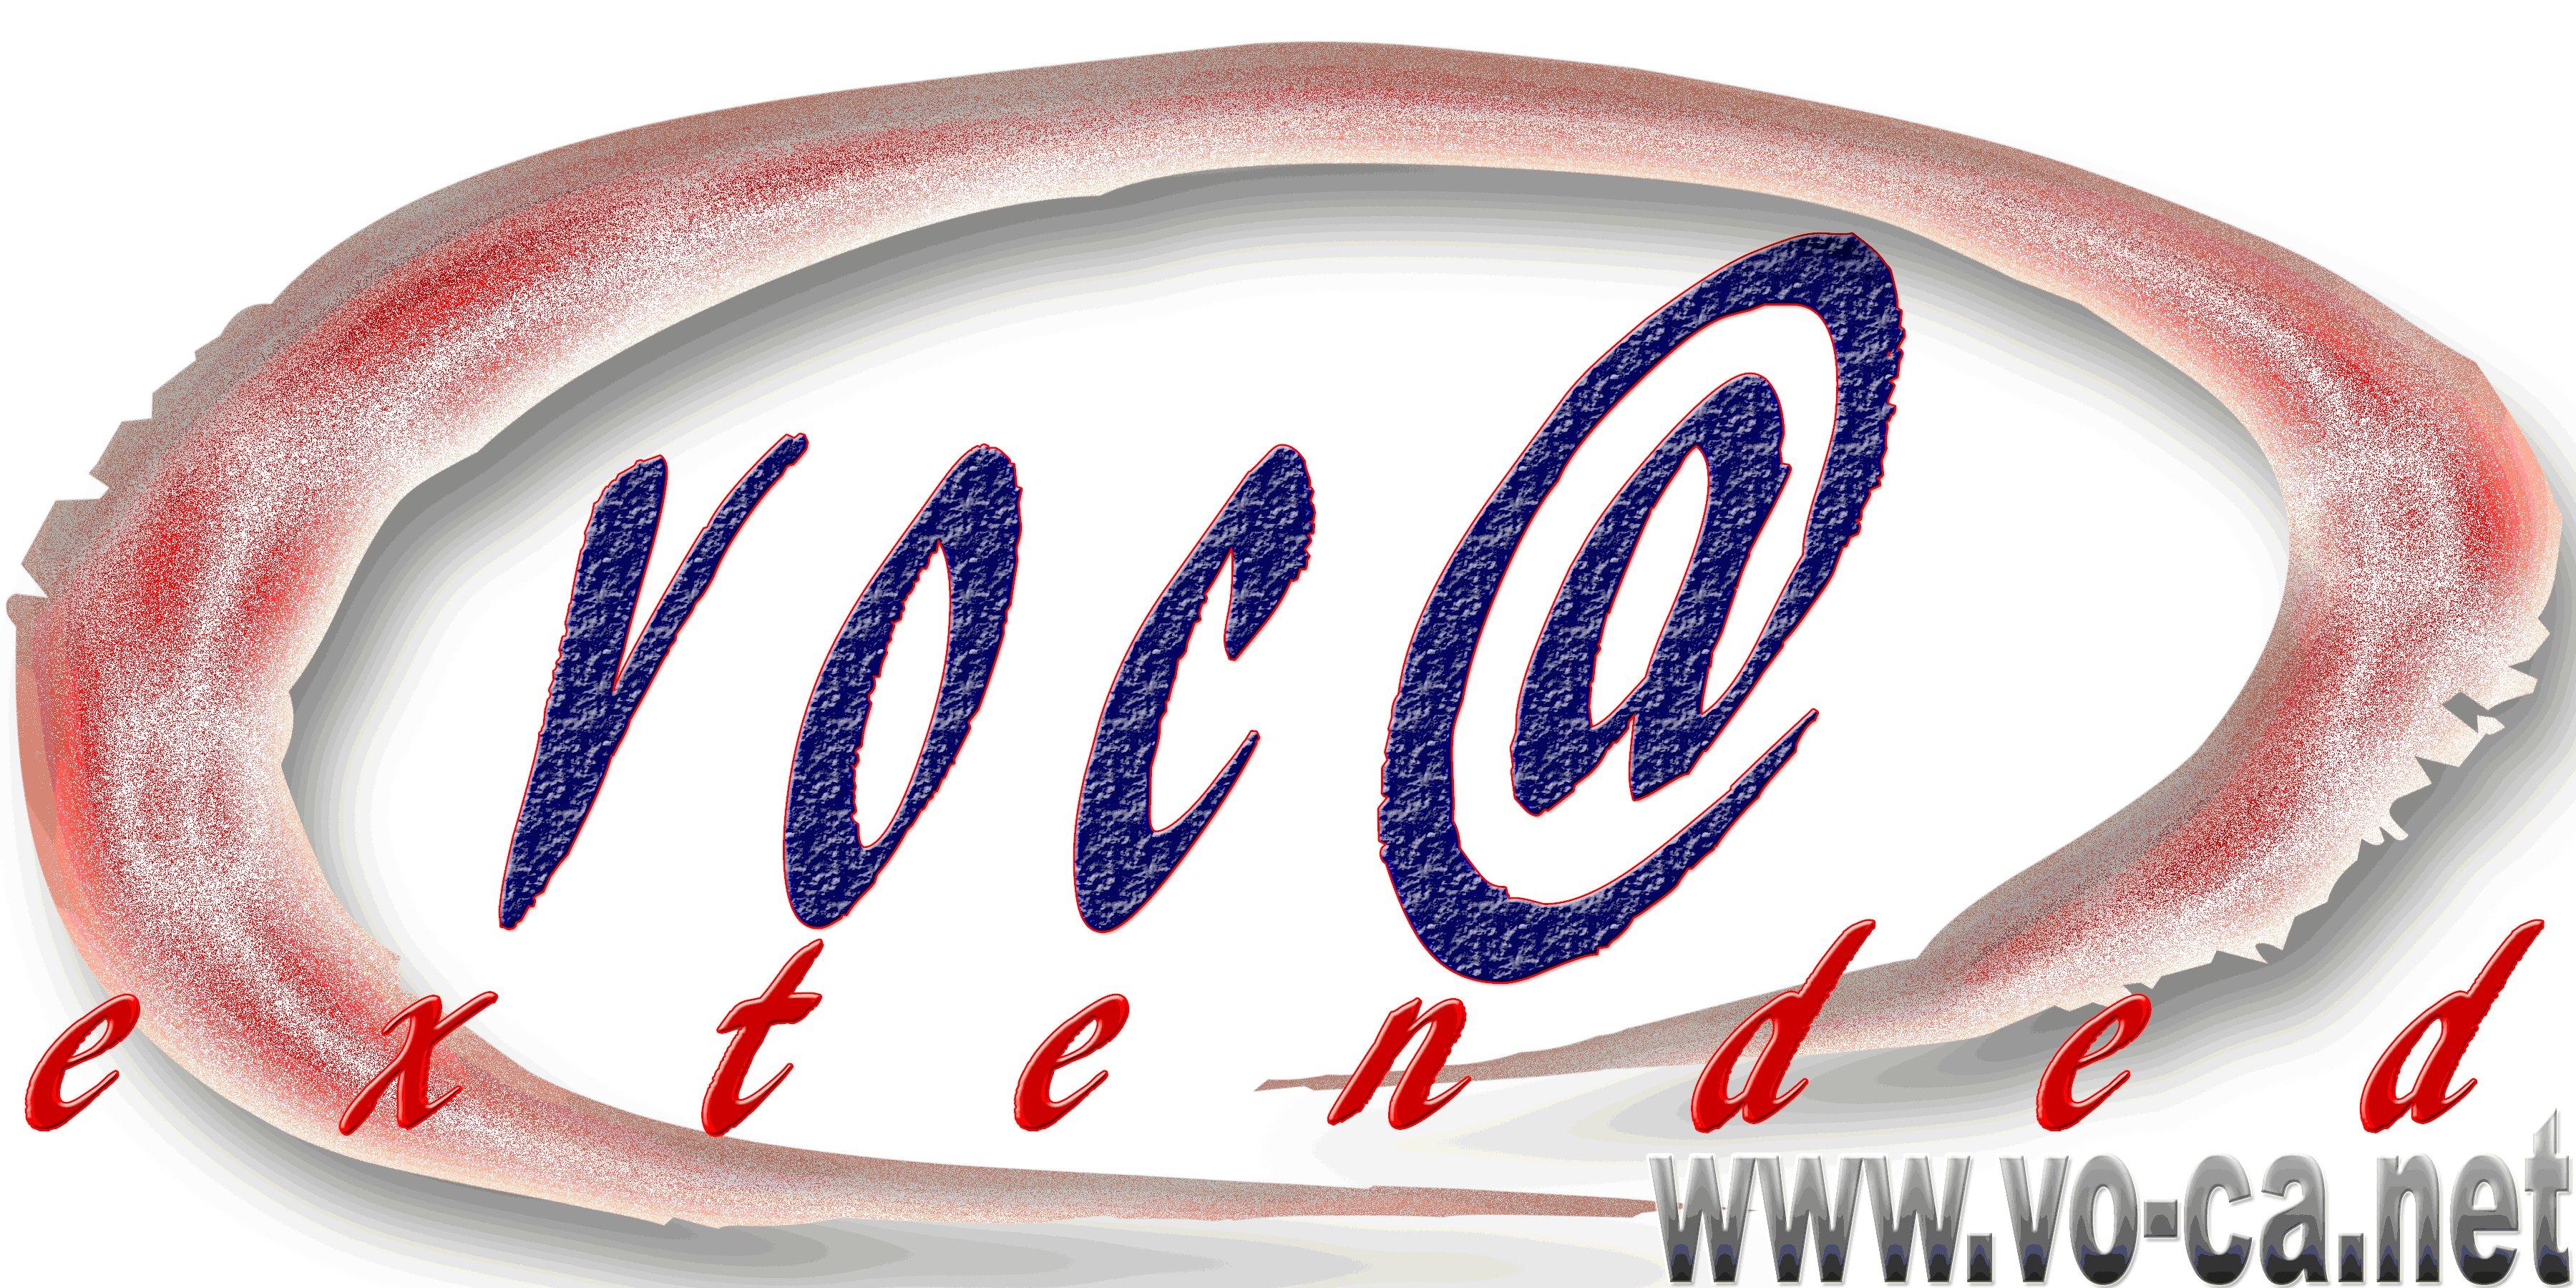 VOCA extended - Zlepšenie prístupu k odborn - Móda e34e184074